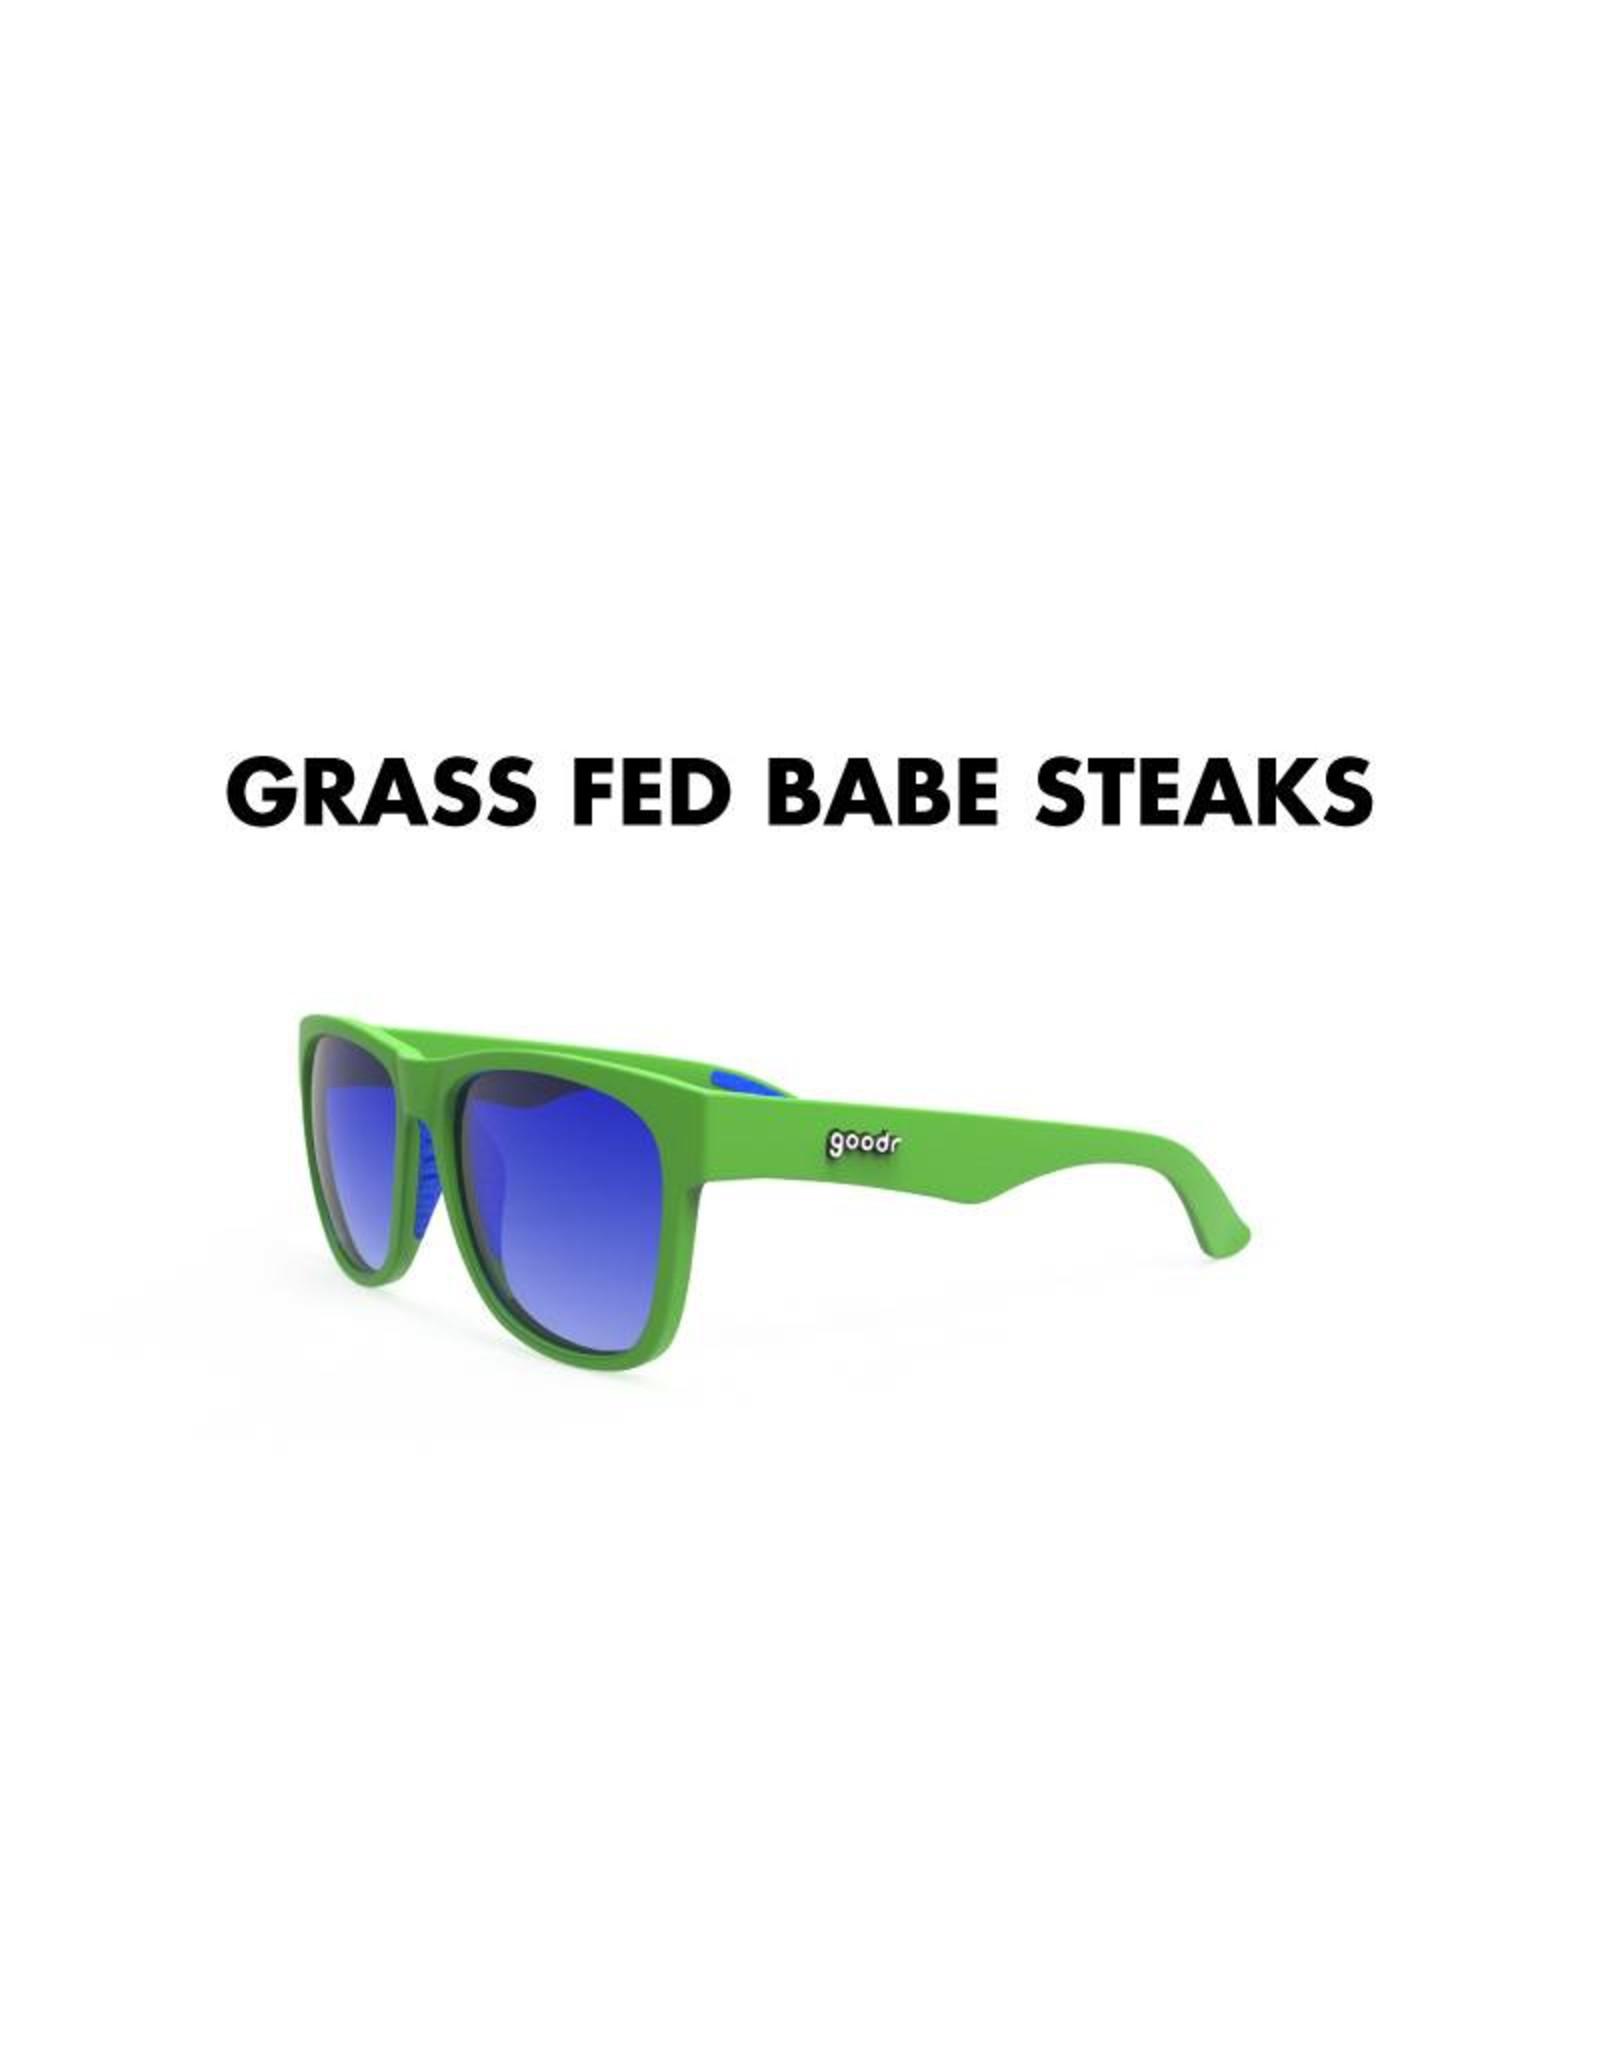 GOODR GRASS FED BABE STEAKS